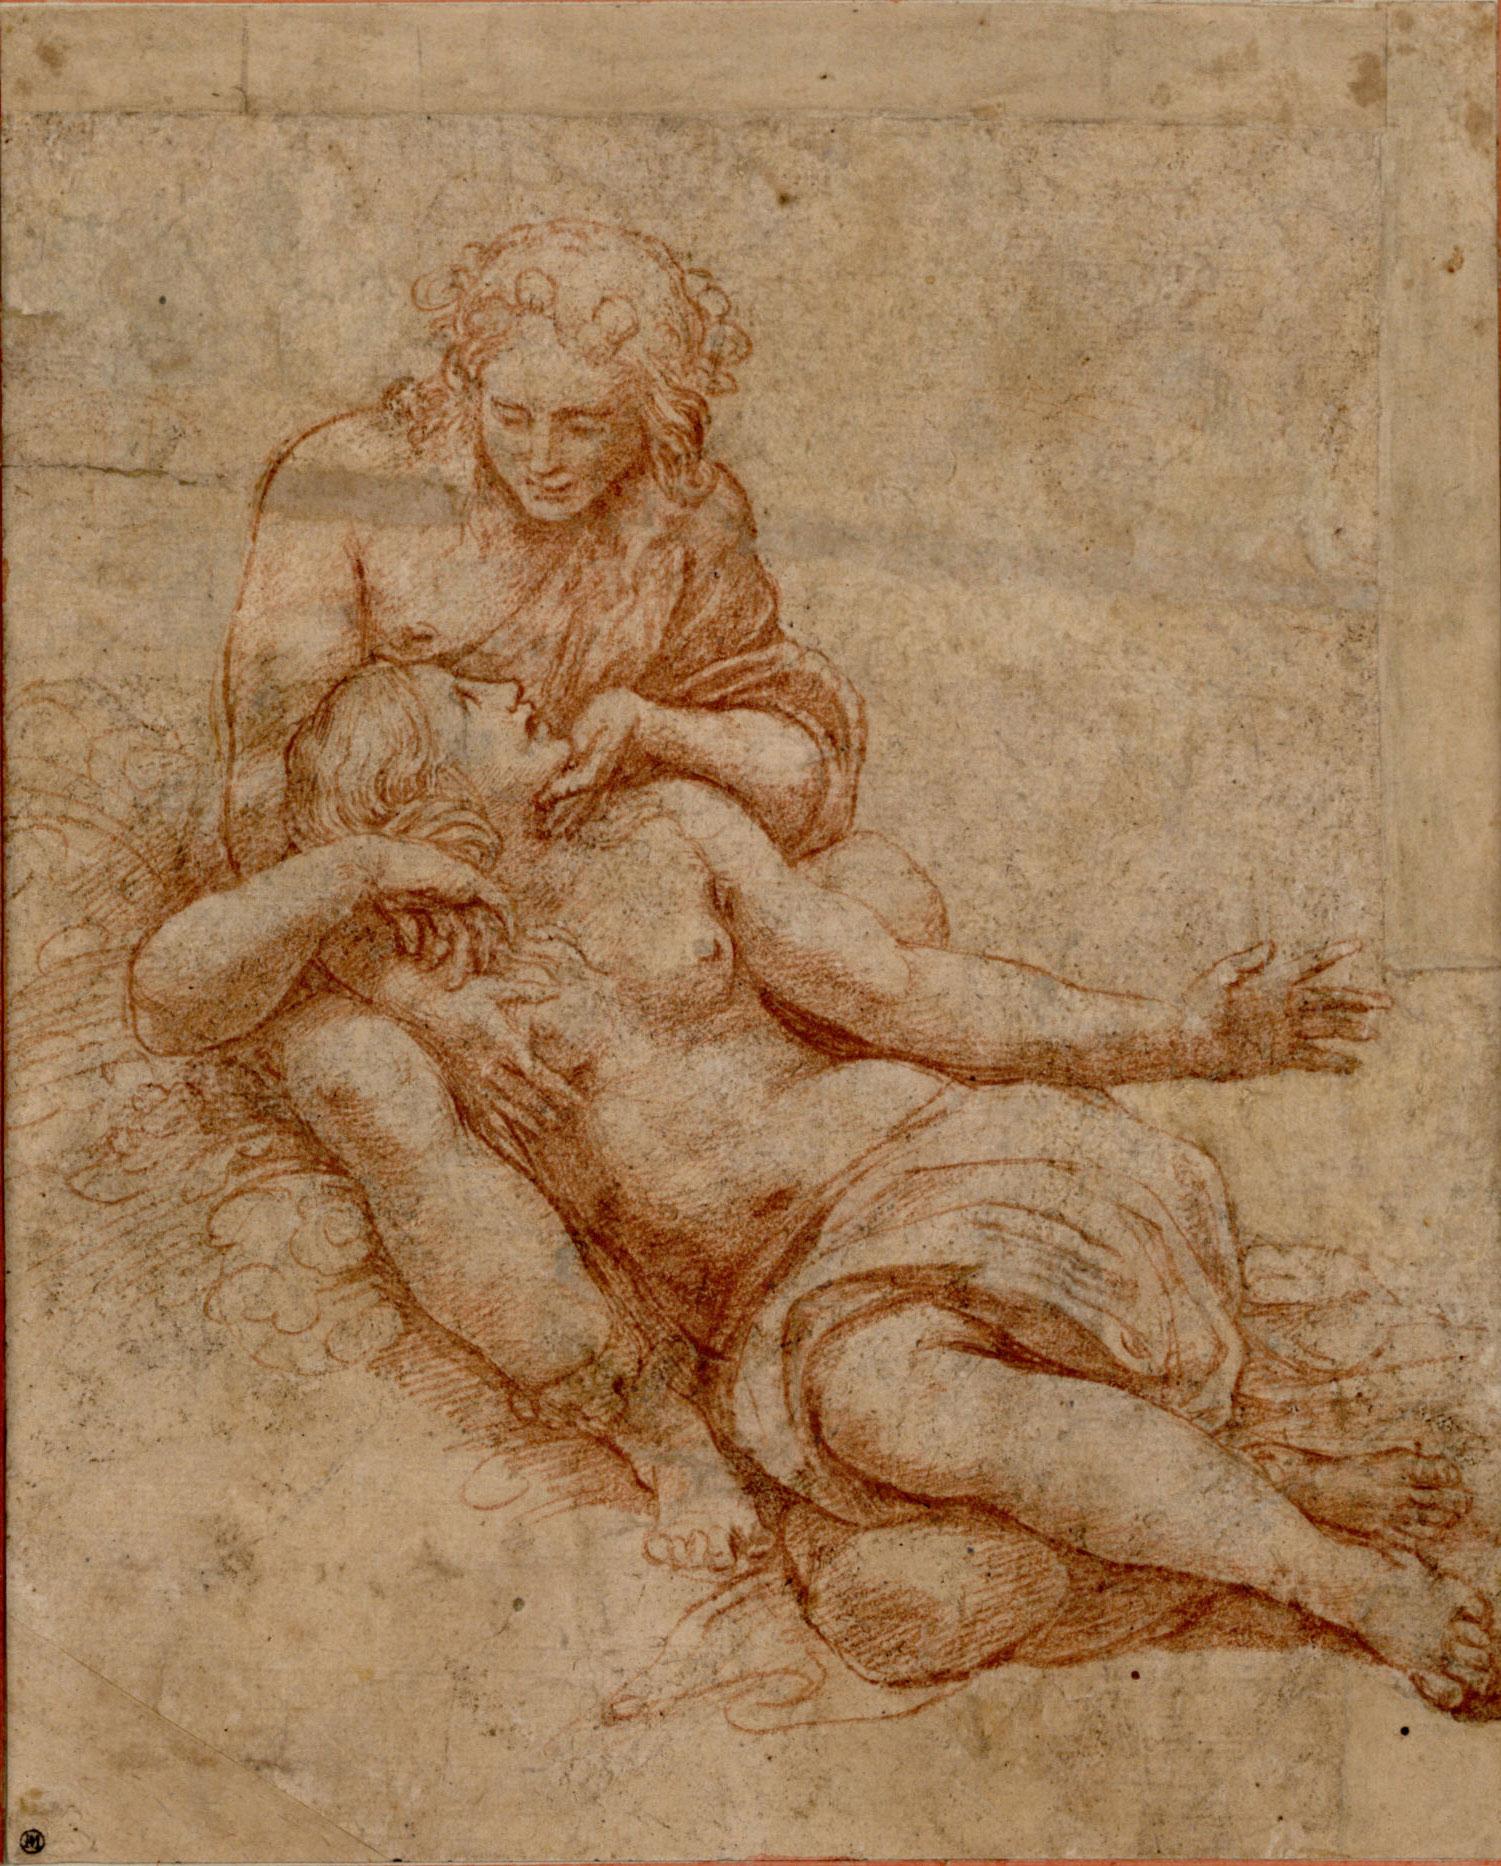 Giulio Romano, Venere e Adone (1516; disegno a sanguigna, 224 x 181 mm; Vienna, Albertina)